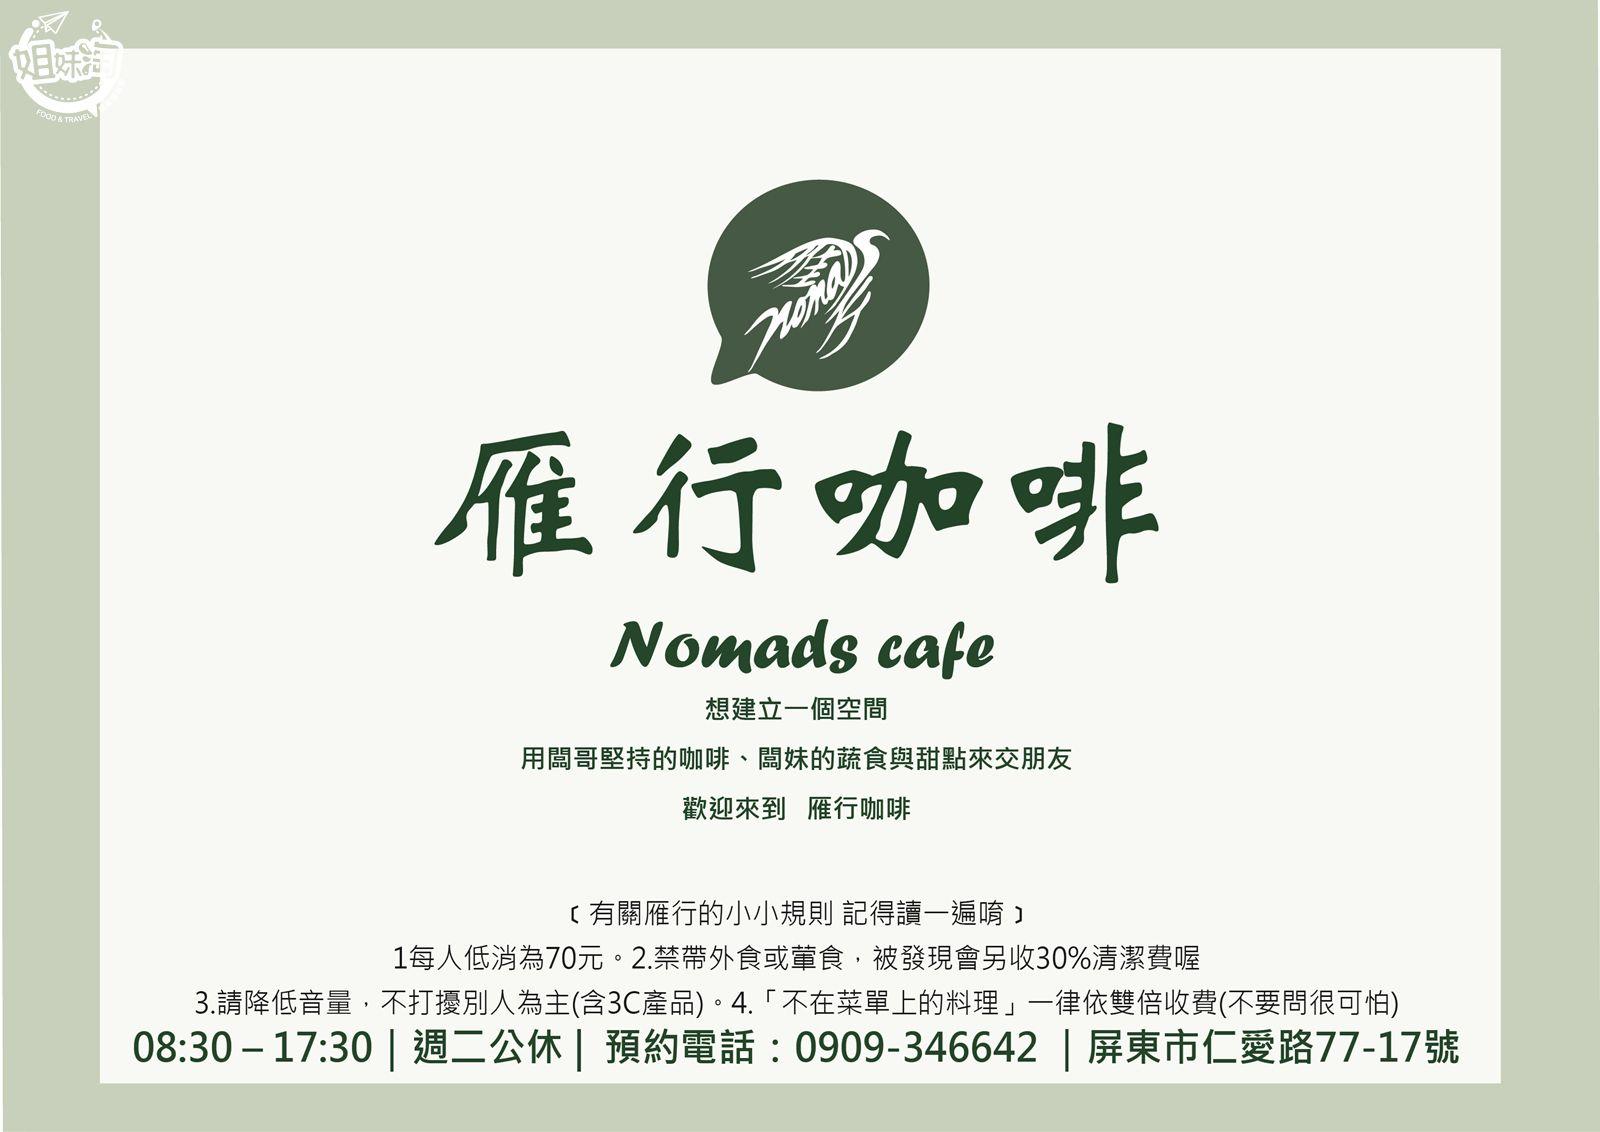 咖啡 屏東市 屏東美食 推薦 雁行蔬食咖啡 雁行咖啡 nomads cafe 素食 蔬食 咖啡 點心 下午茶 獨家 手沖